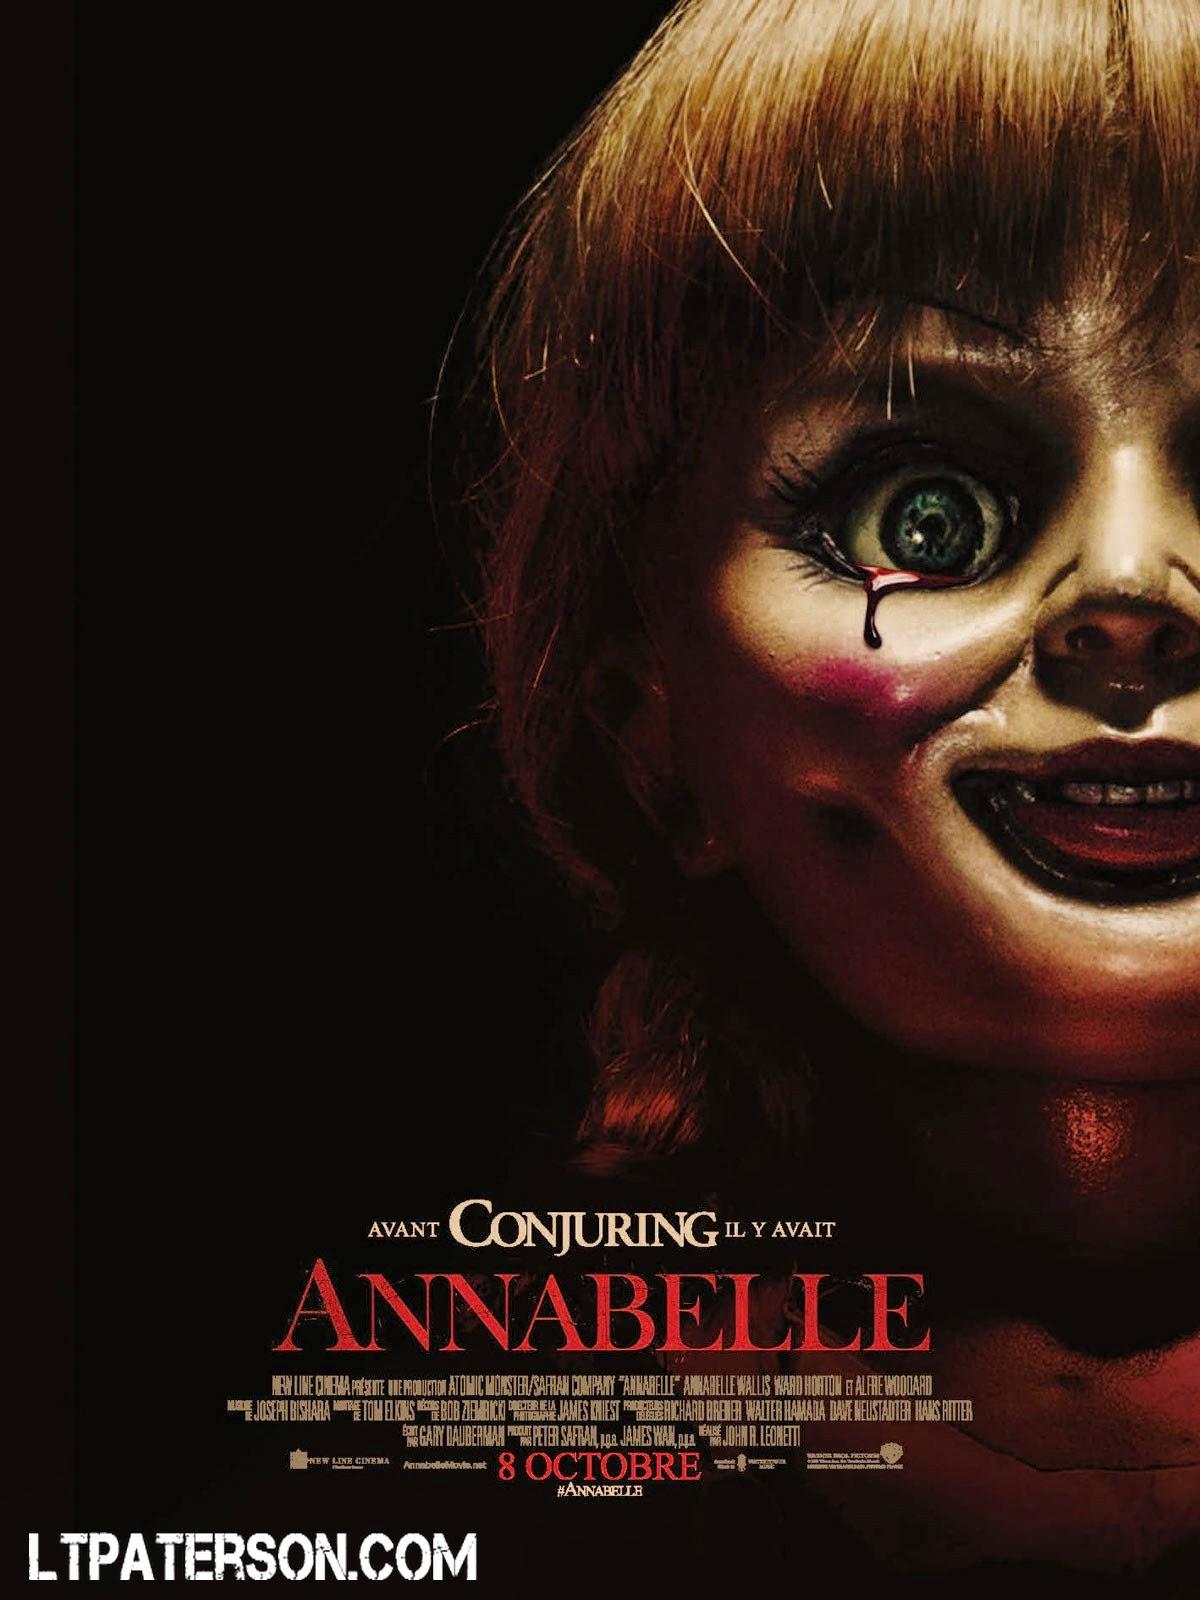 Annabelle le film qui fait peur sa mani re blog jeux video pc high tech - Le jeux de la sorciere qui fait peur ...